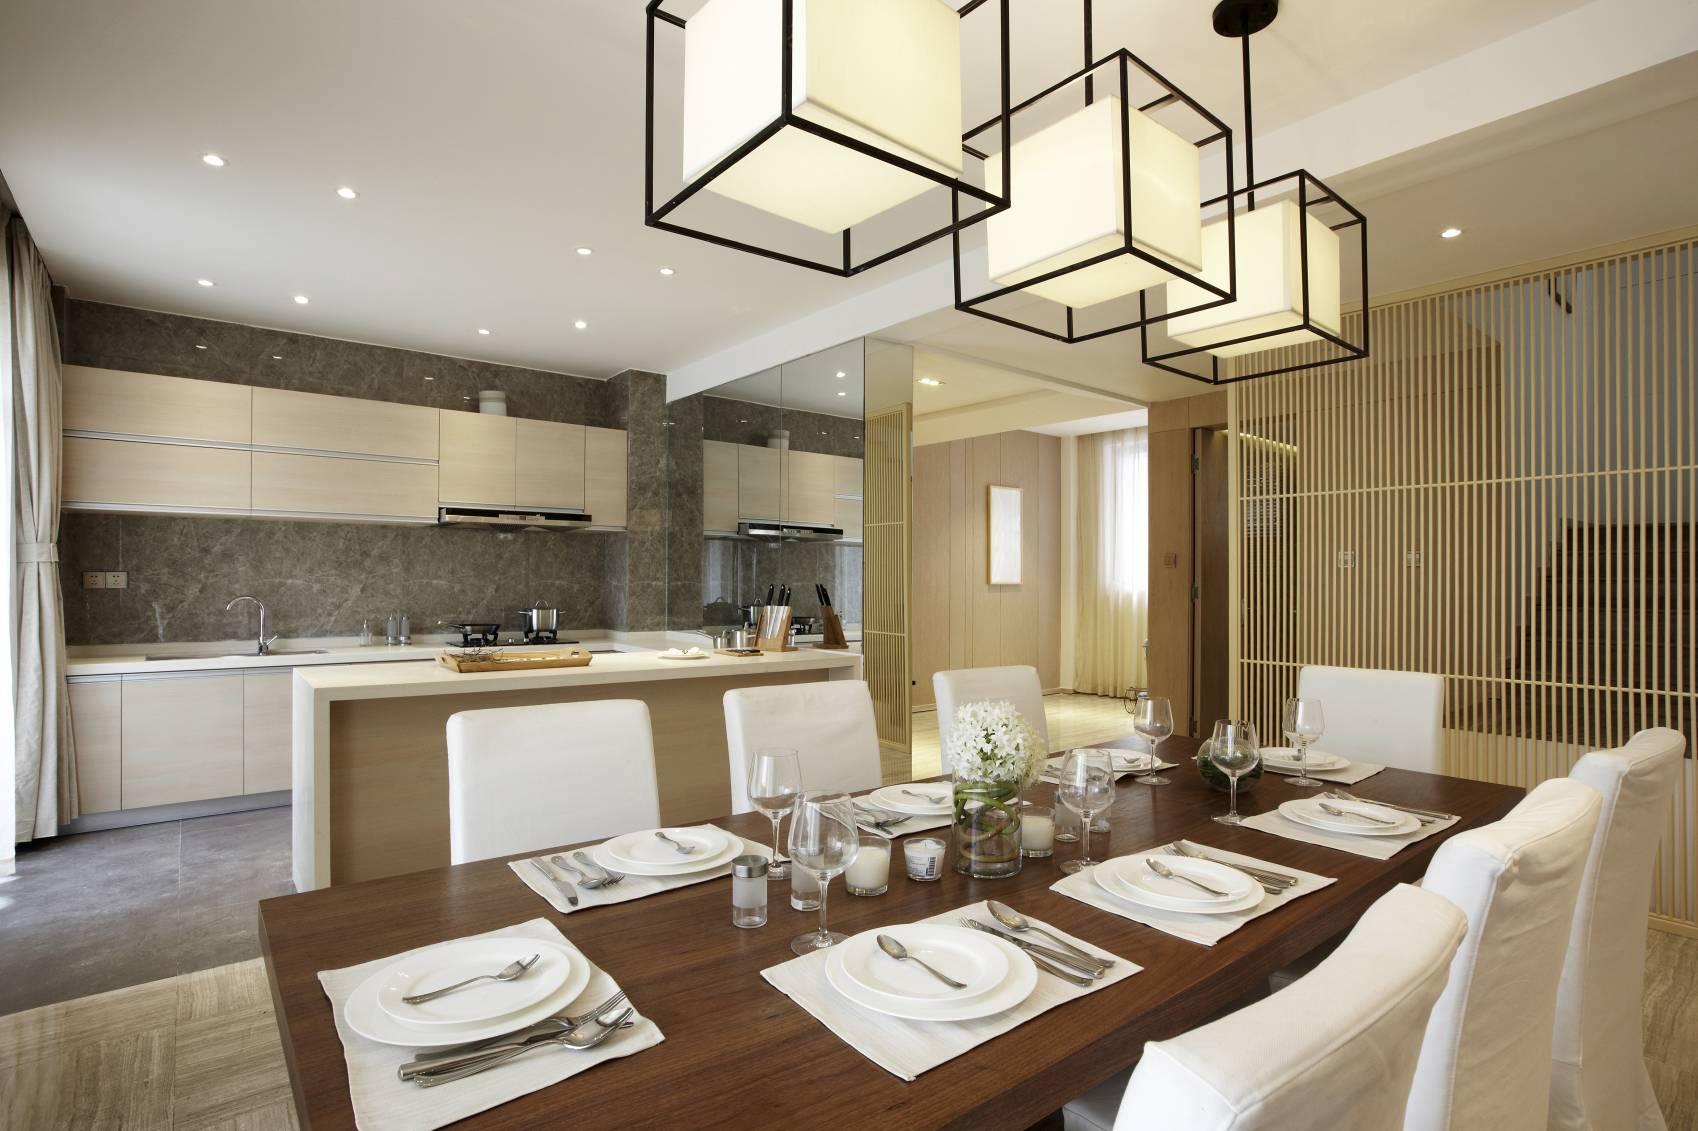 Choisir une table de salle manger for Salle manger design